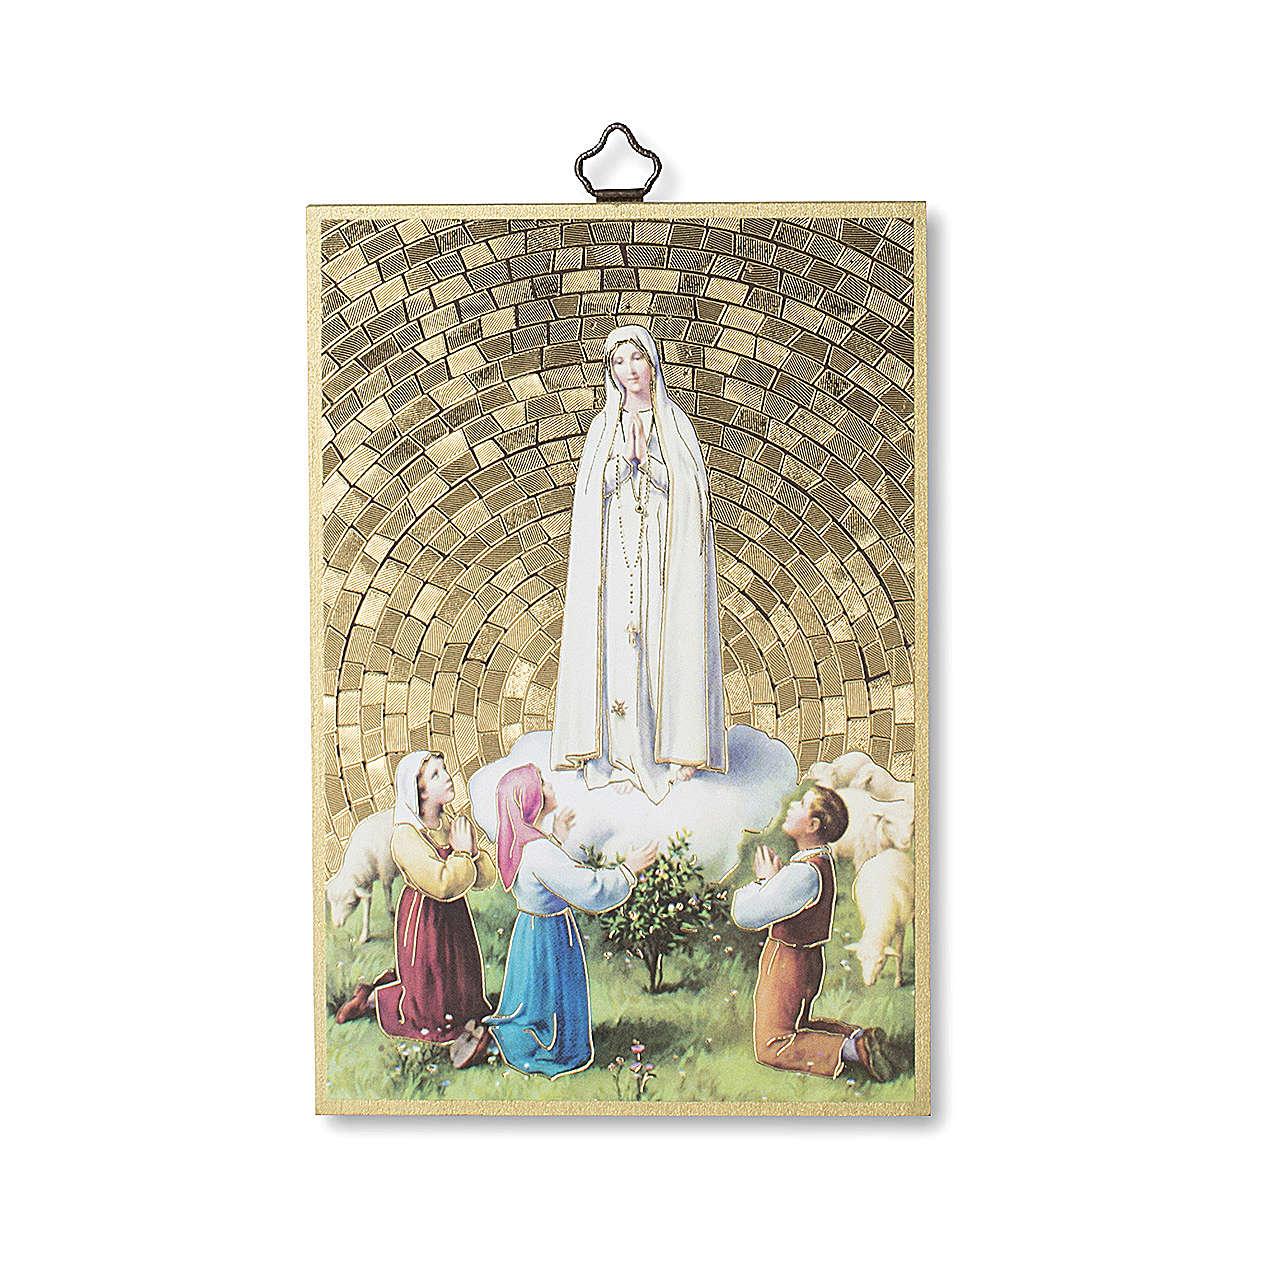 Stampa su legno Apparizione di Fatima con Pastorelli 3